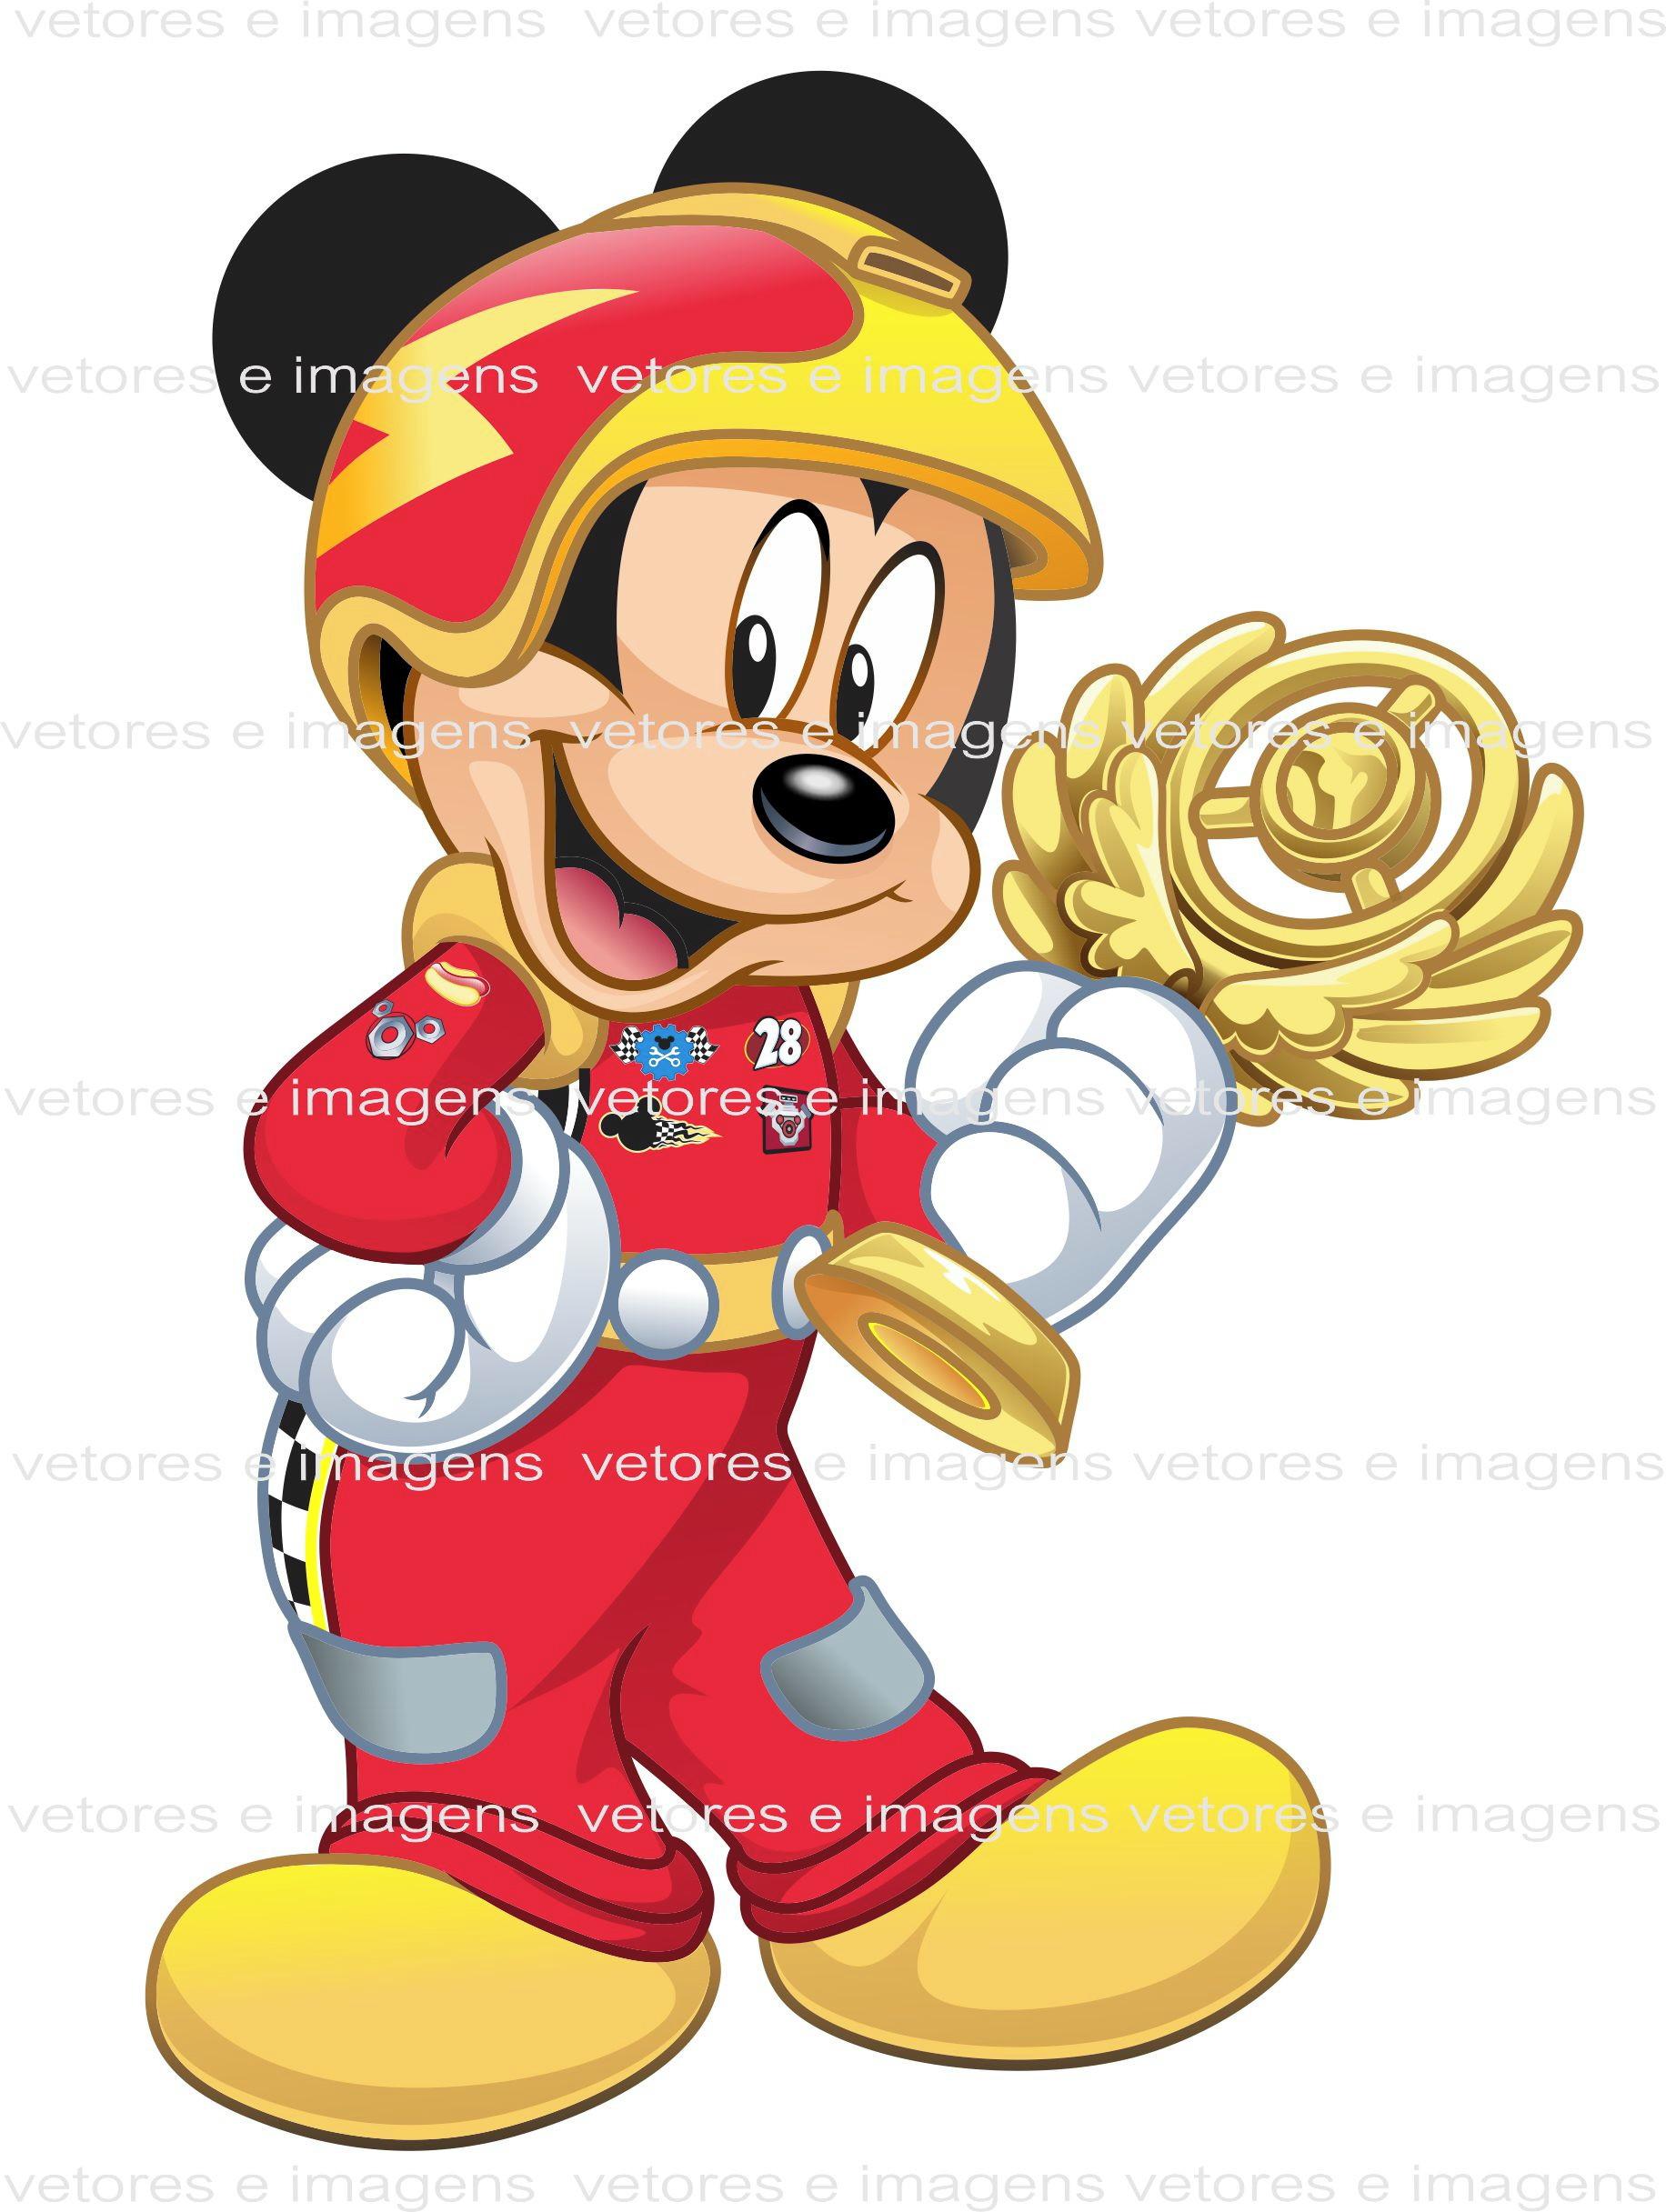 Mickey Sobre Rodas Vetor E Imagens Corel Pdf Png No Elo7 Mr